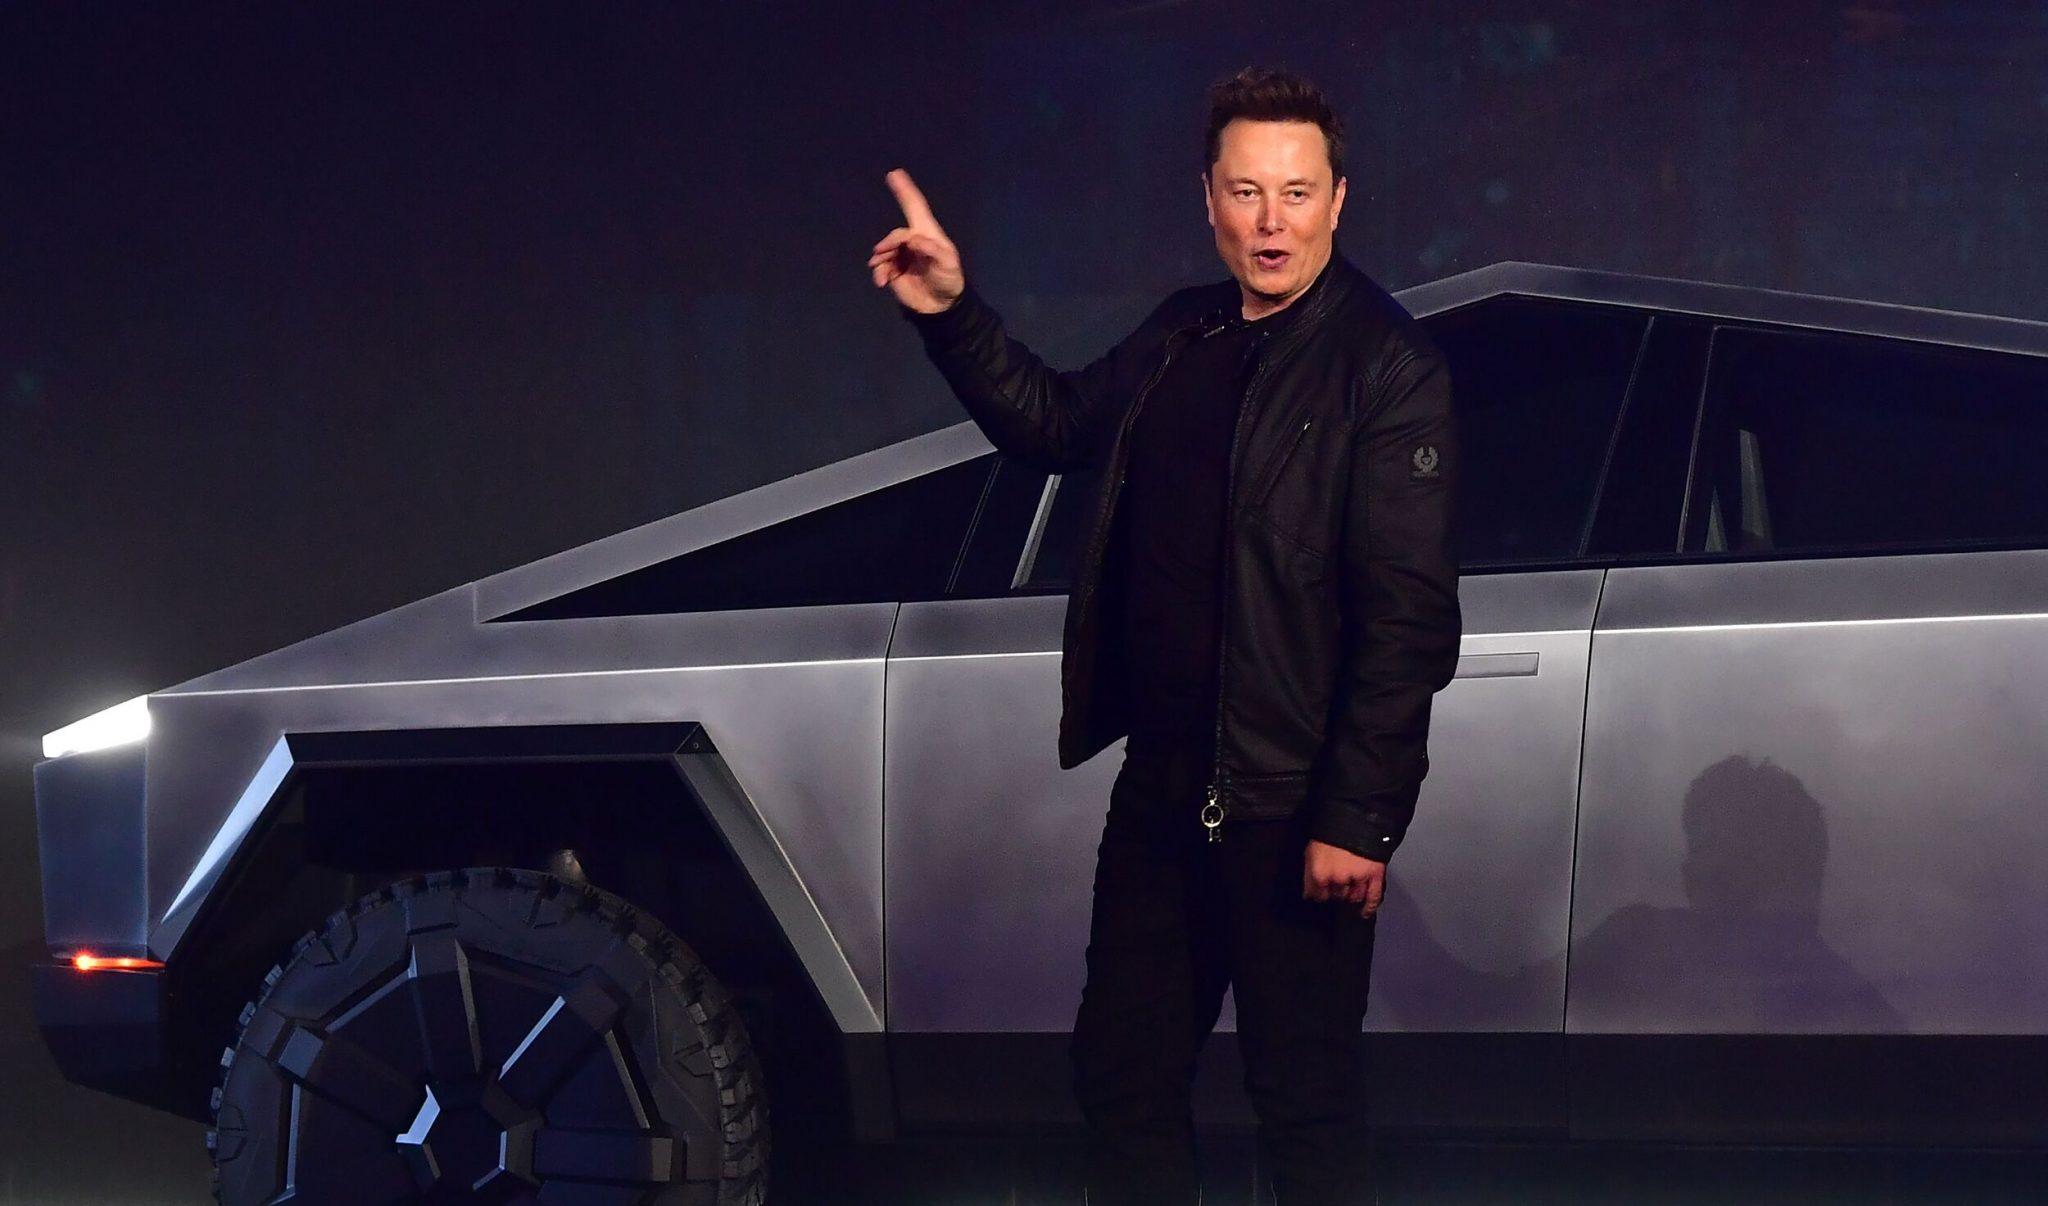 Elon musk besideTesla Cybertruck